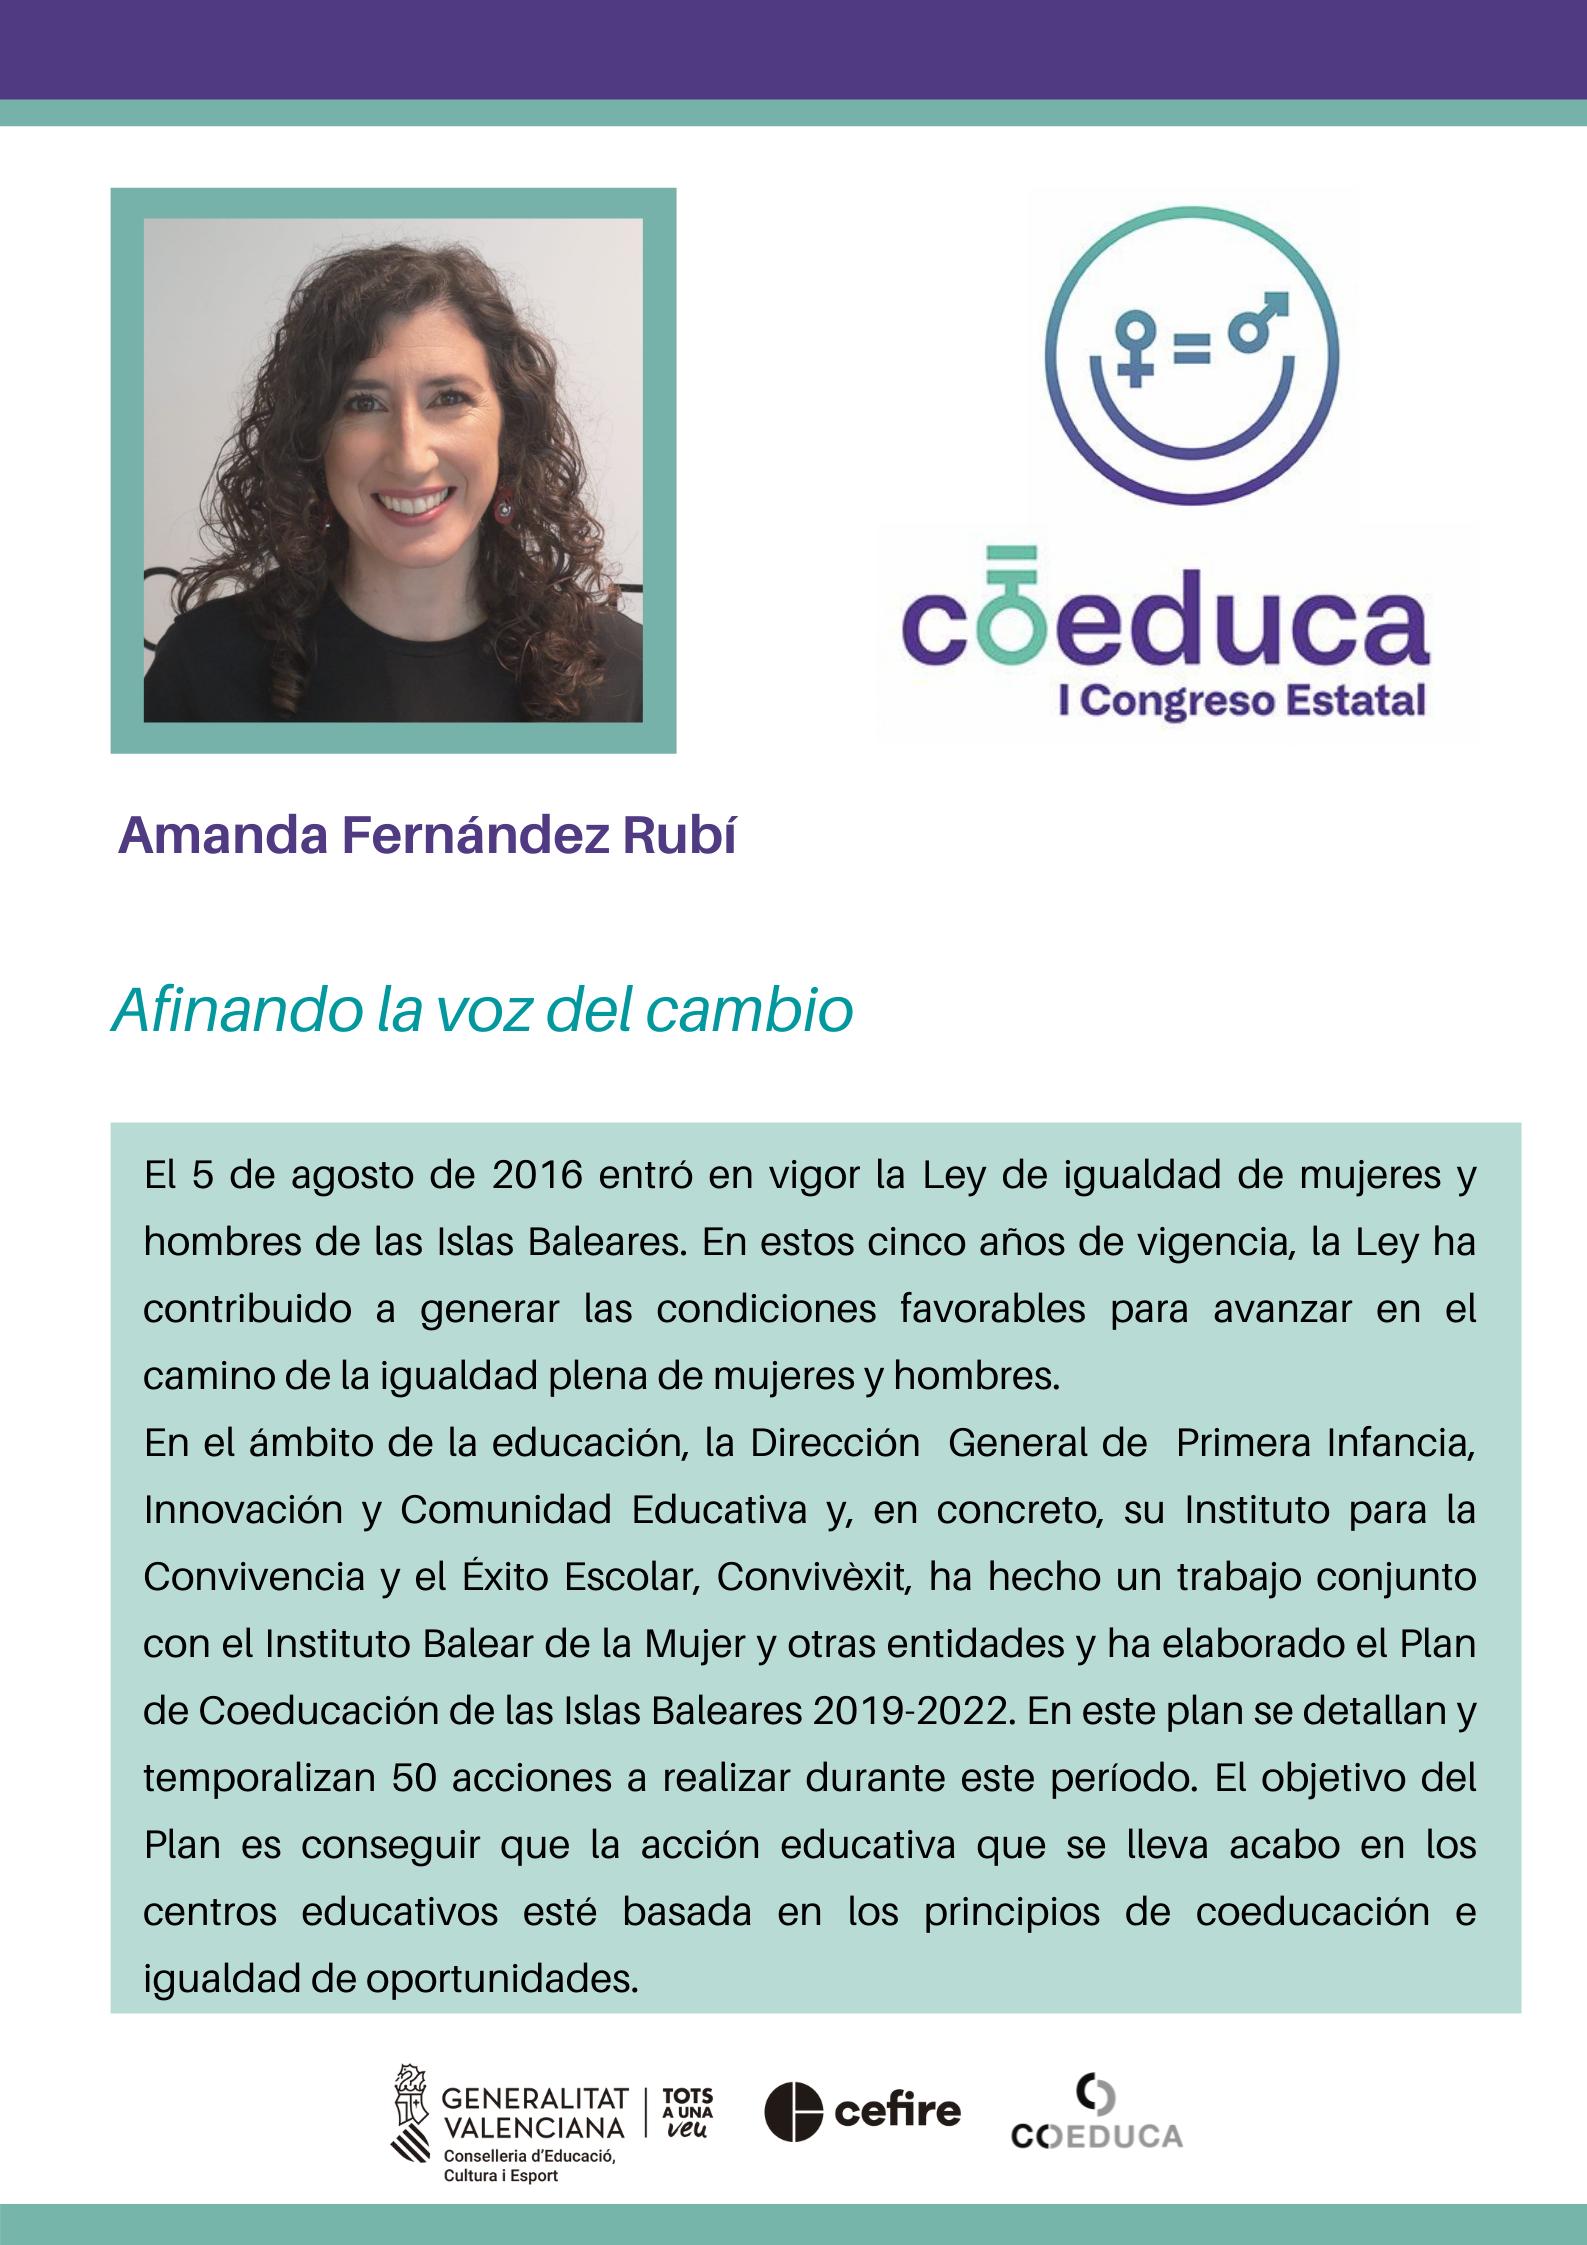 BIO-AMANDA_FERNANDEZ